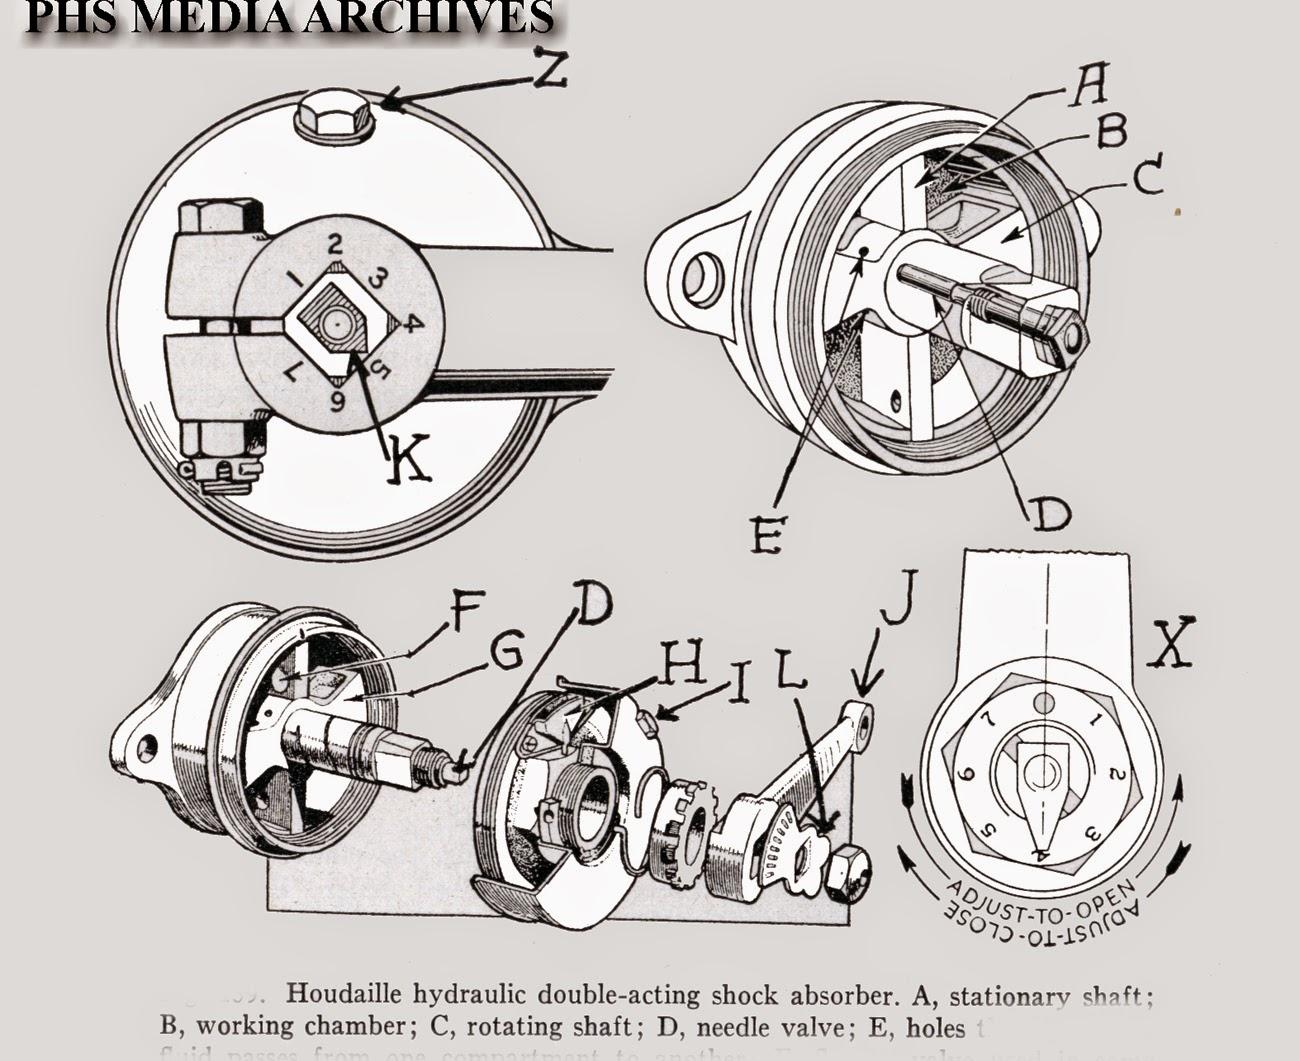 Wiring Diagrams Pontiac Firebird Http Wwwpic2flycom 1968pontiac